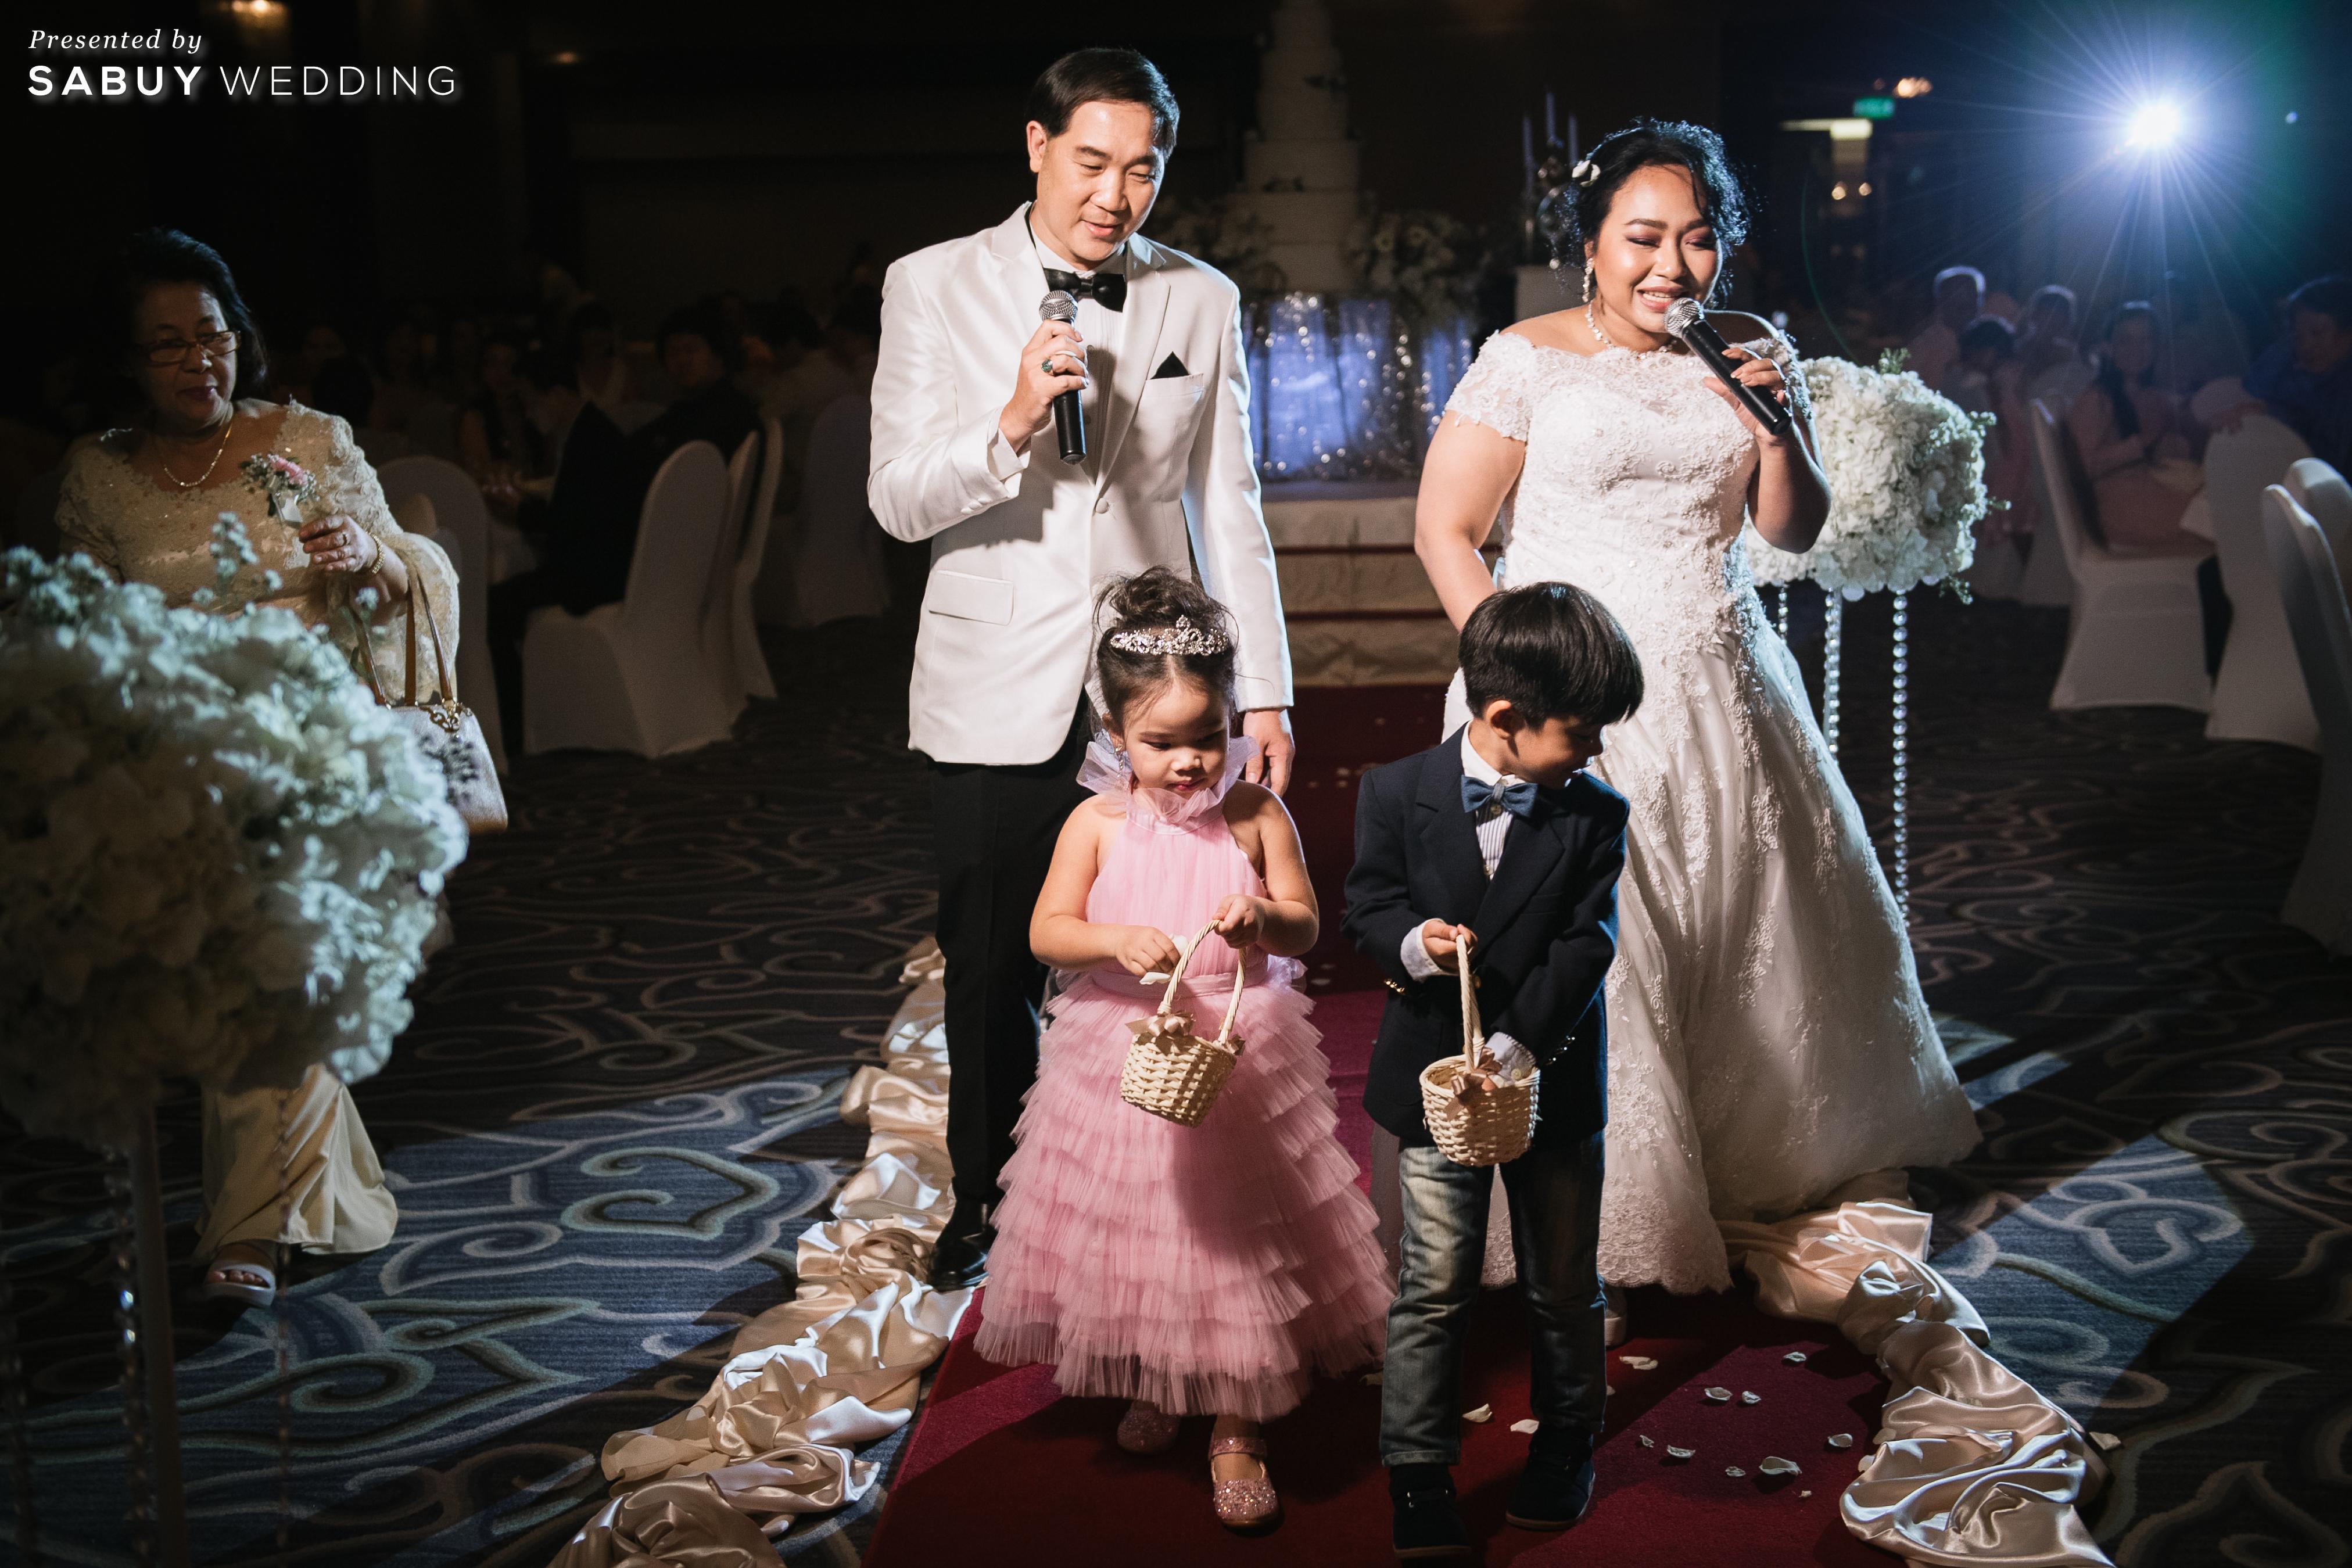 ชุดแต่งงาน,เค้กแต่งงาน,สถานที่แต่งงาน รีวิวงานแต่งสุดคลาสสิก กับกิมมิคแจกของรางวัล @ Narai Hotel